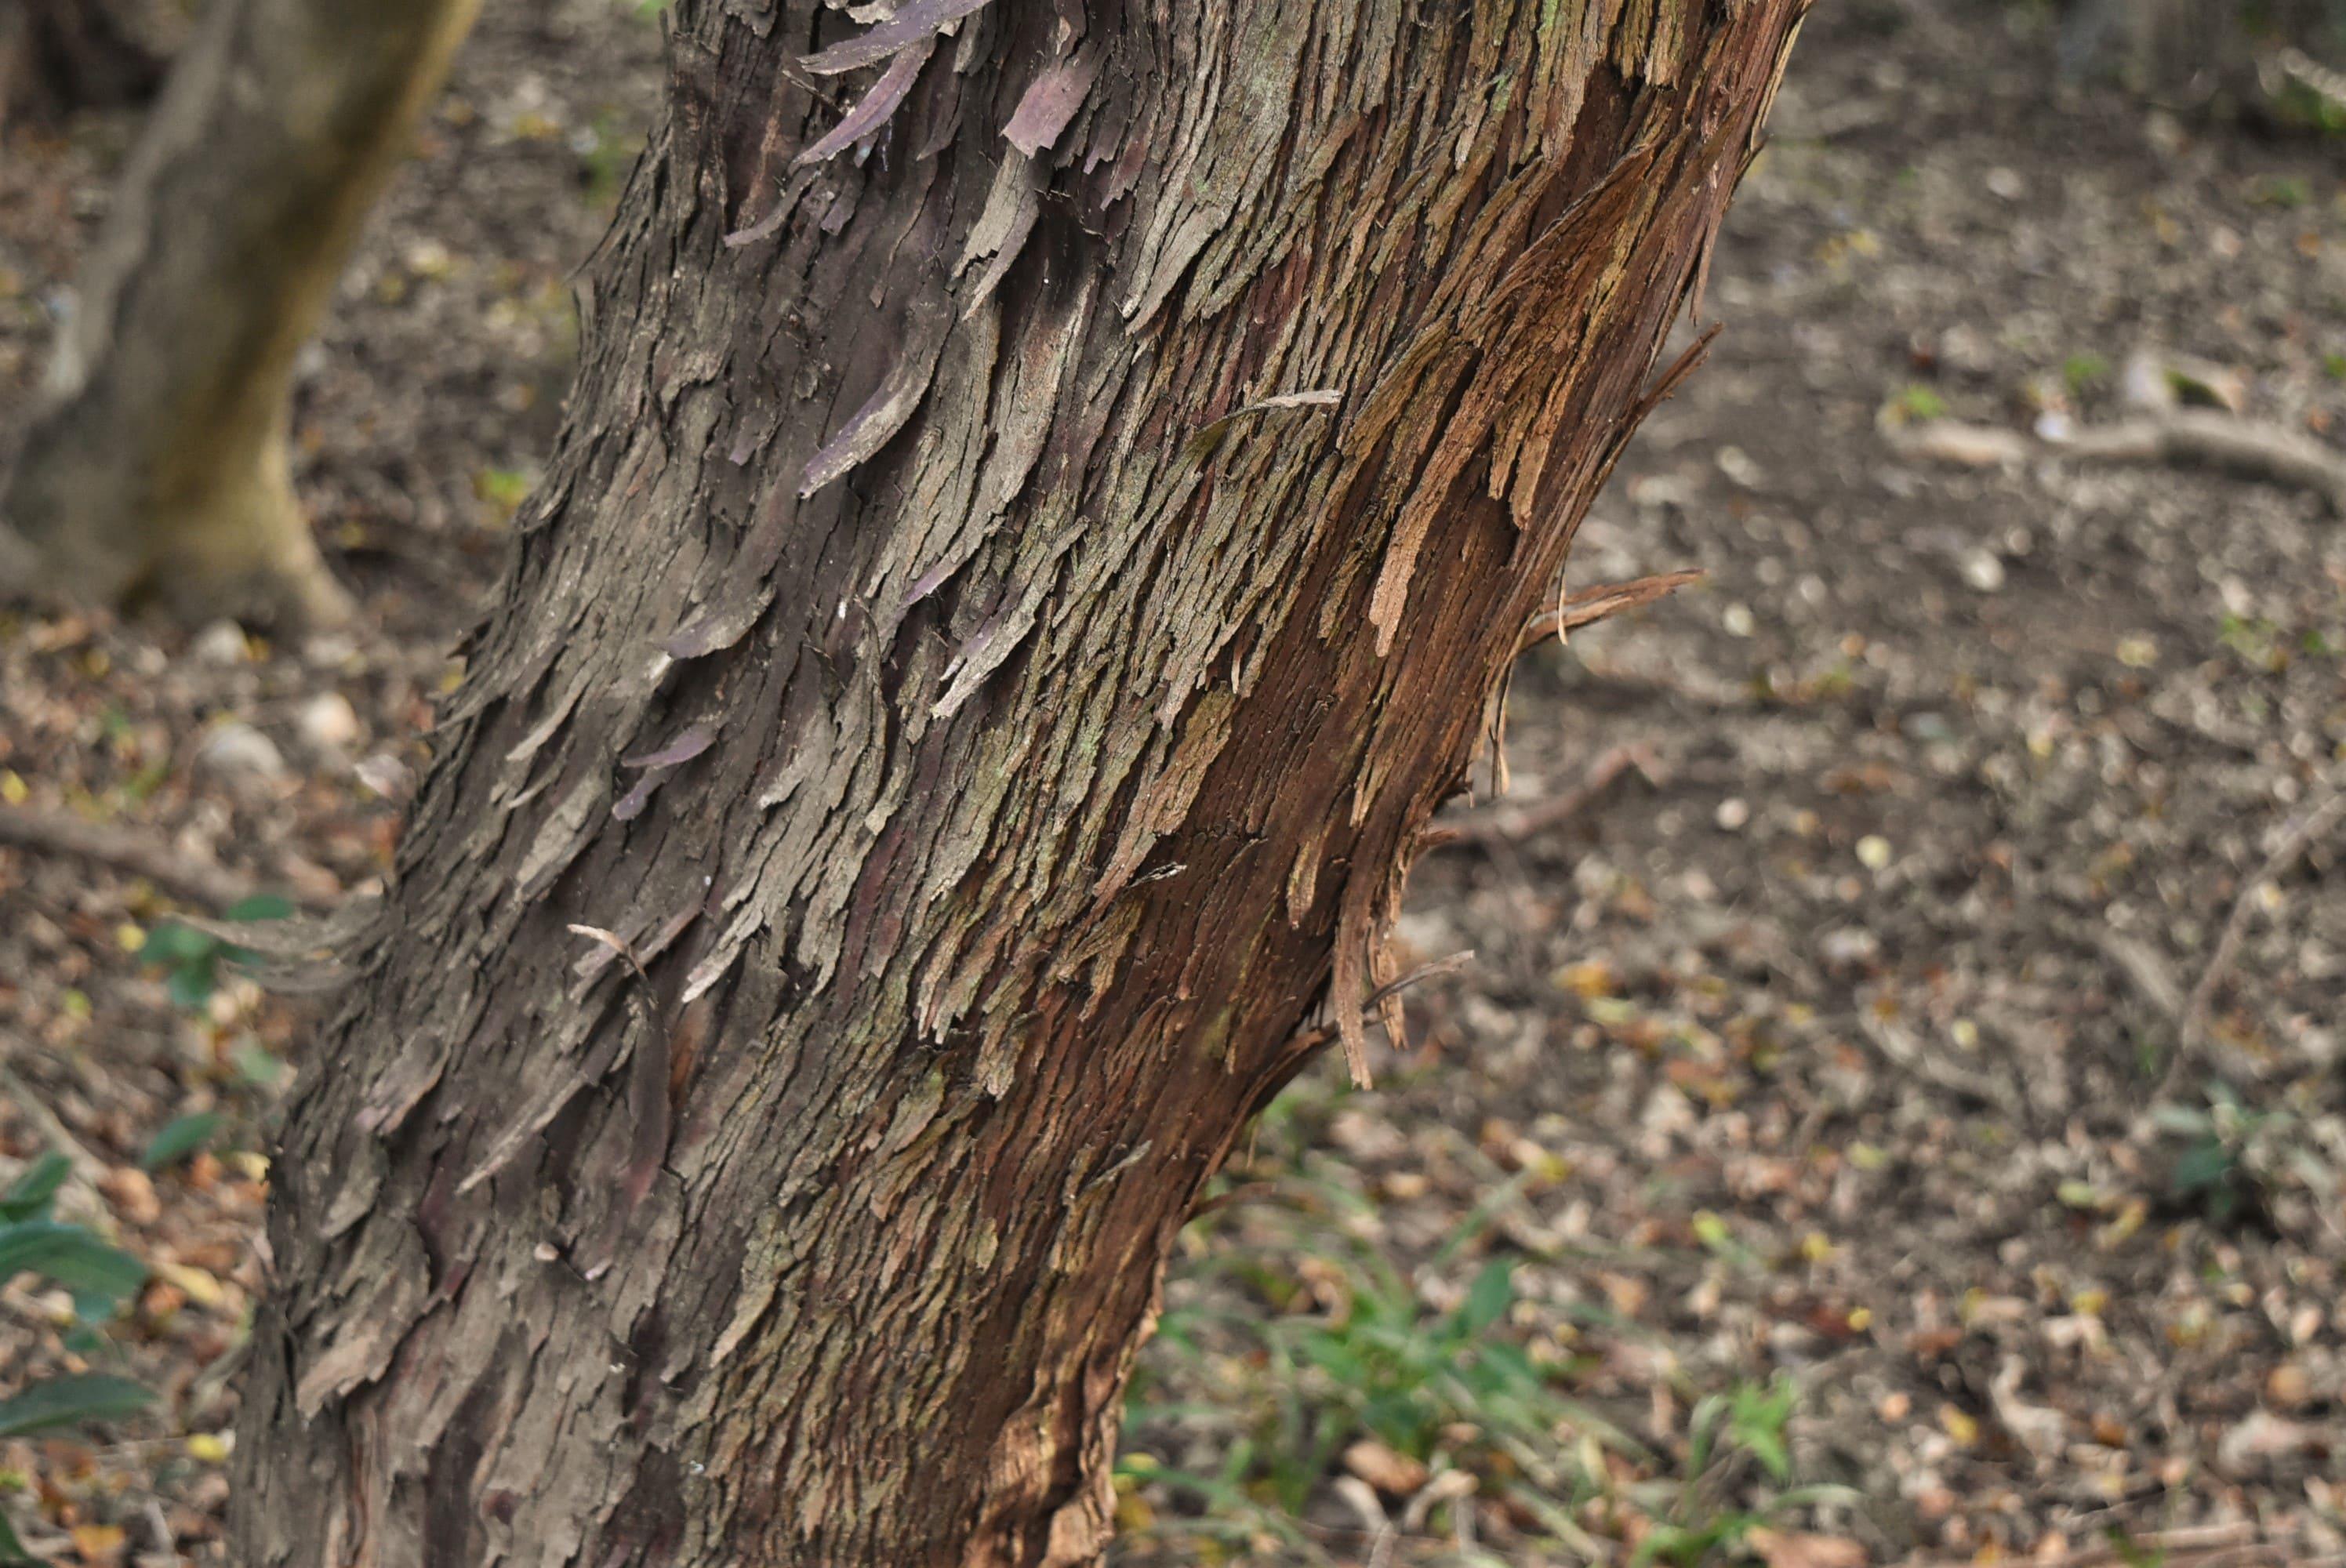 ワイルドベリー,しゃしゃんぼ,樹木